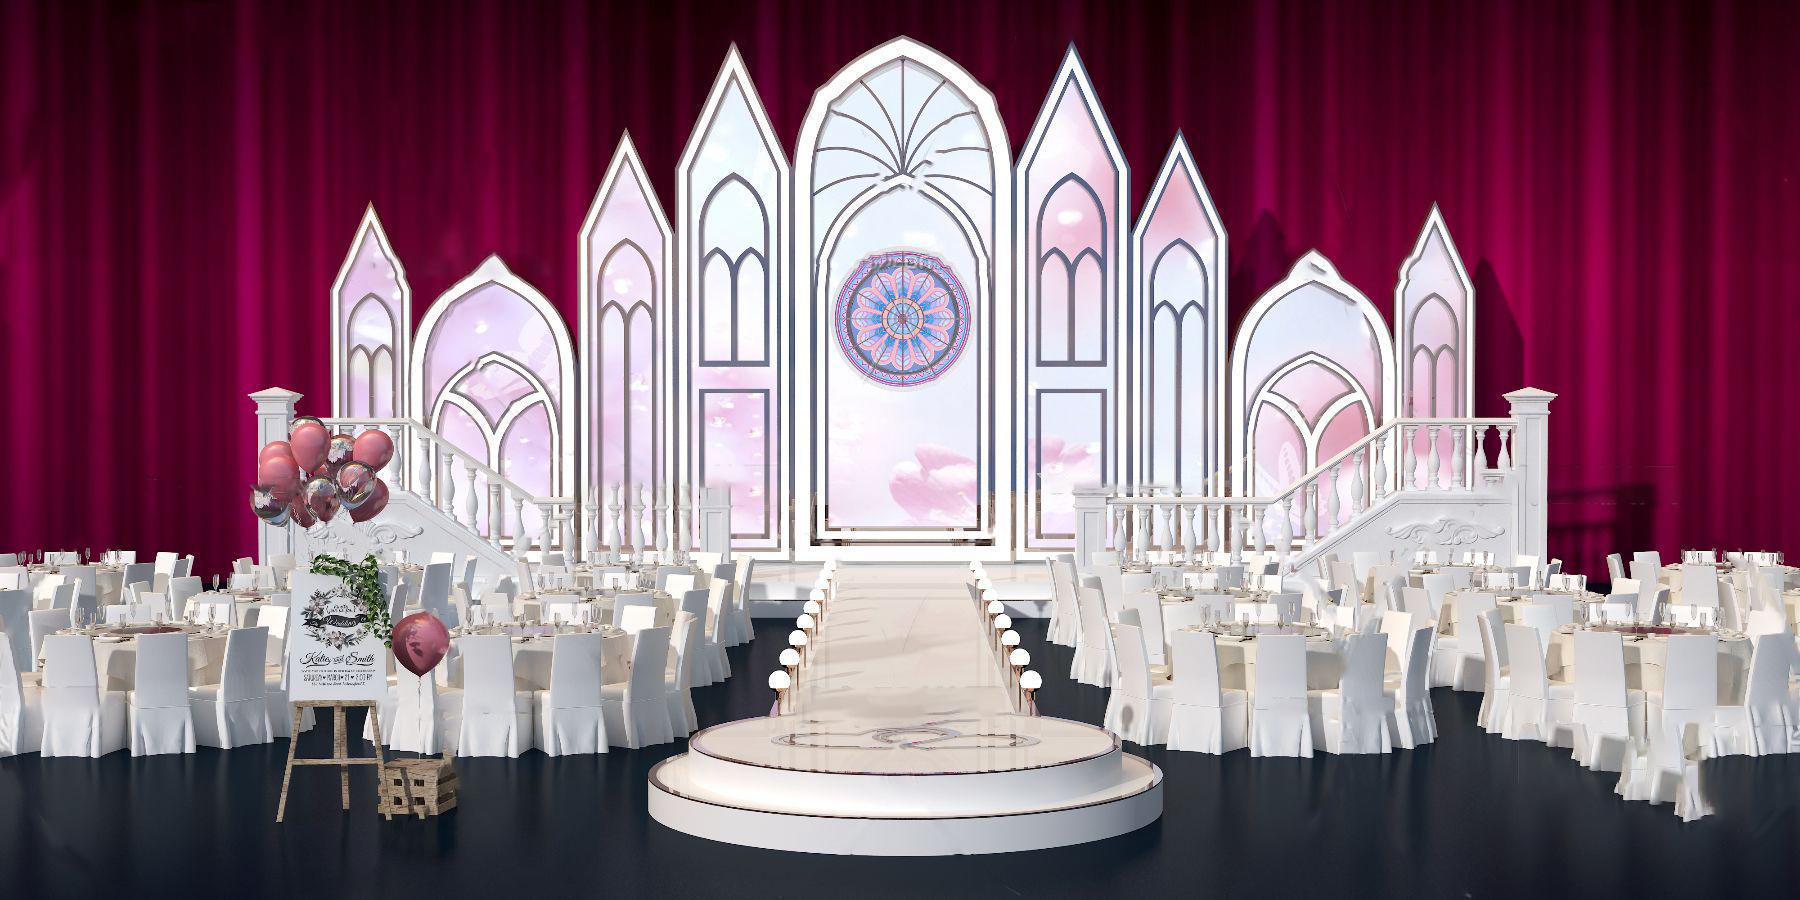 现代酒店婚礼舞台宴会3d模型